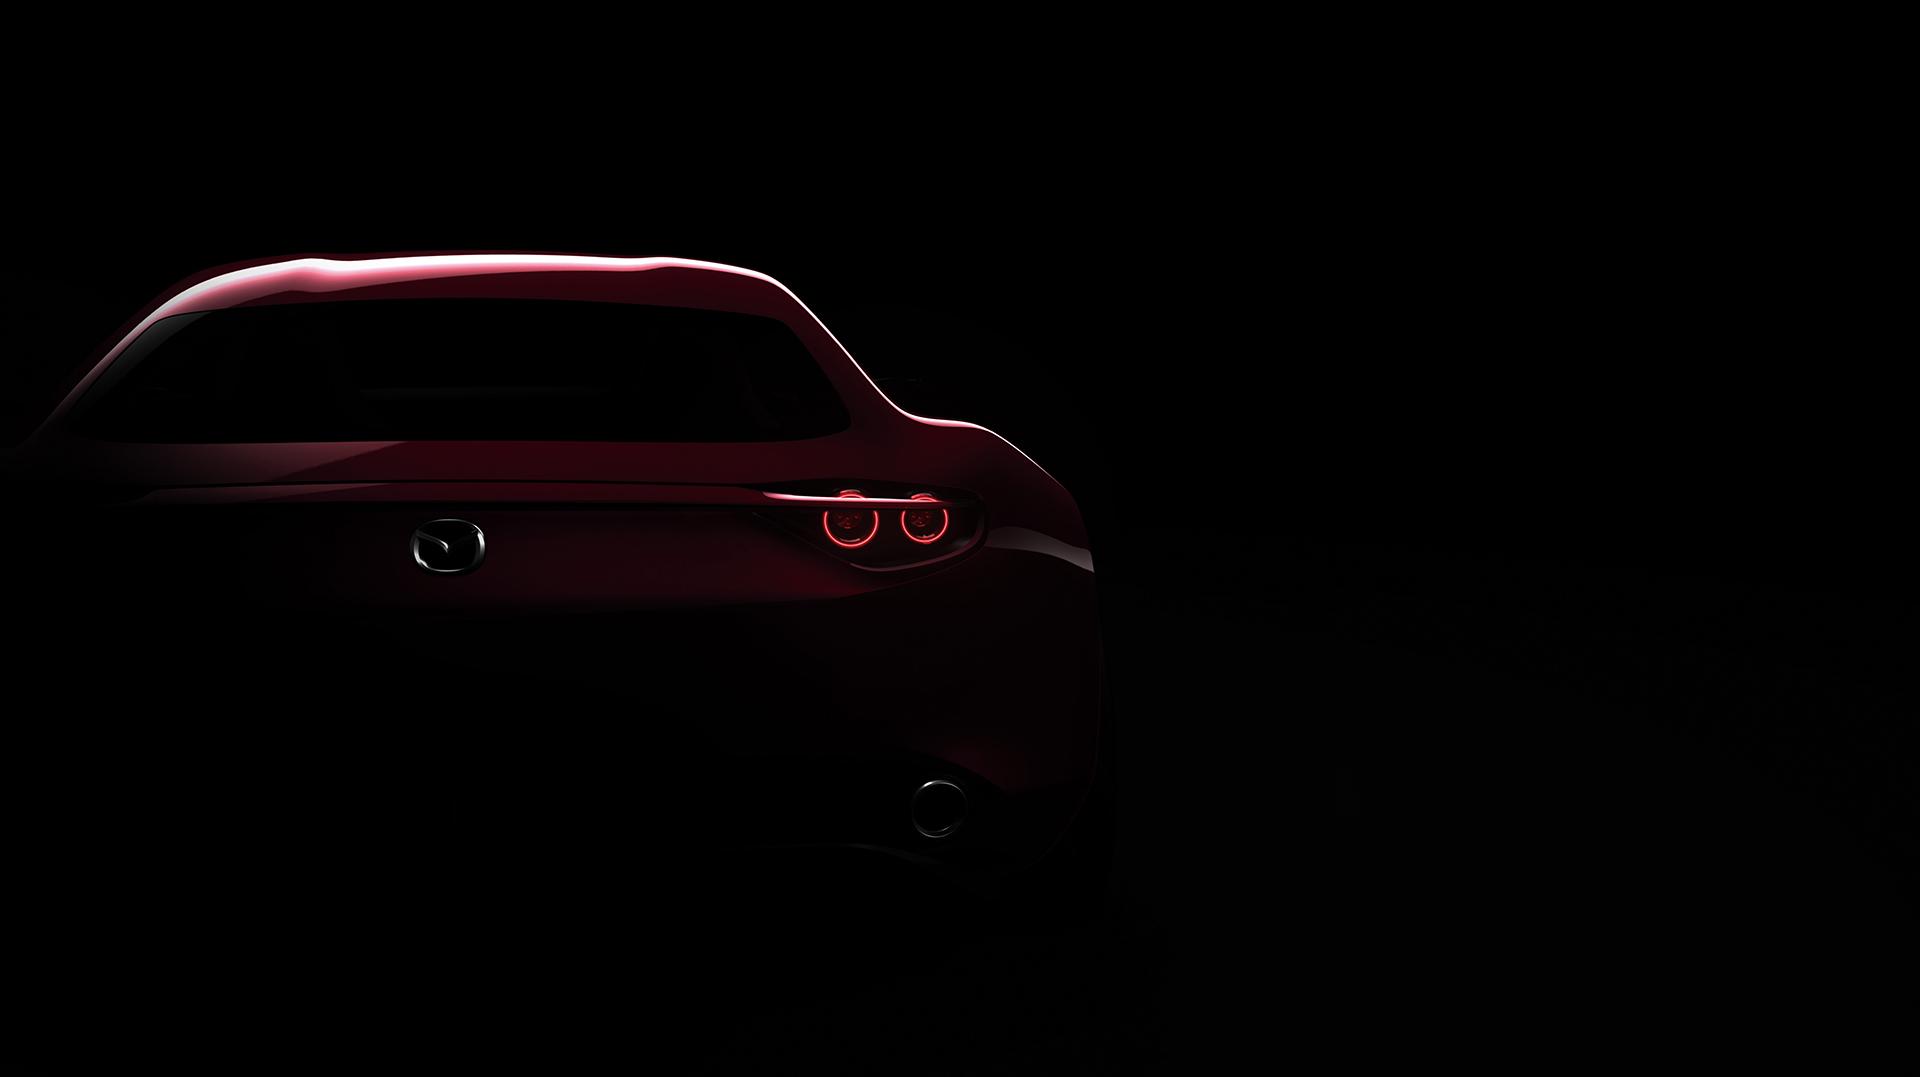 Mazda RX-VISION Concept - 2015 - arrière / rear